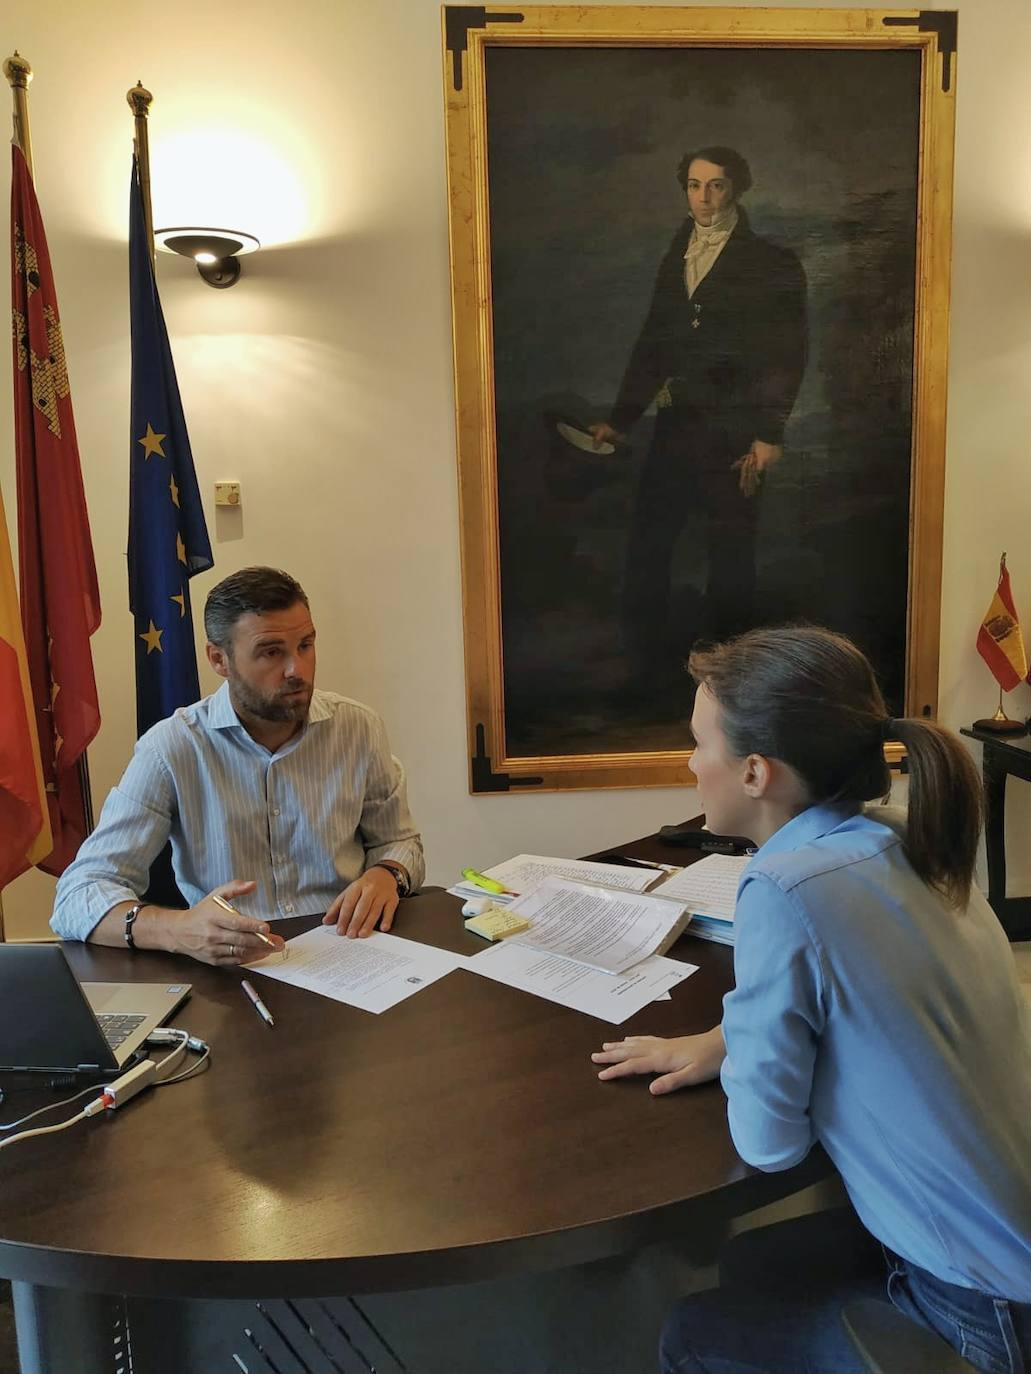 El Ayuntamiento de Caravaca crea la mesa consultiva para las elecciones a alcalde pedáneo en Archivel